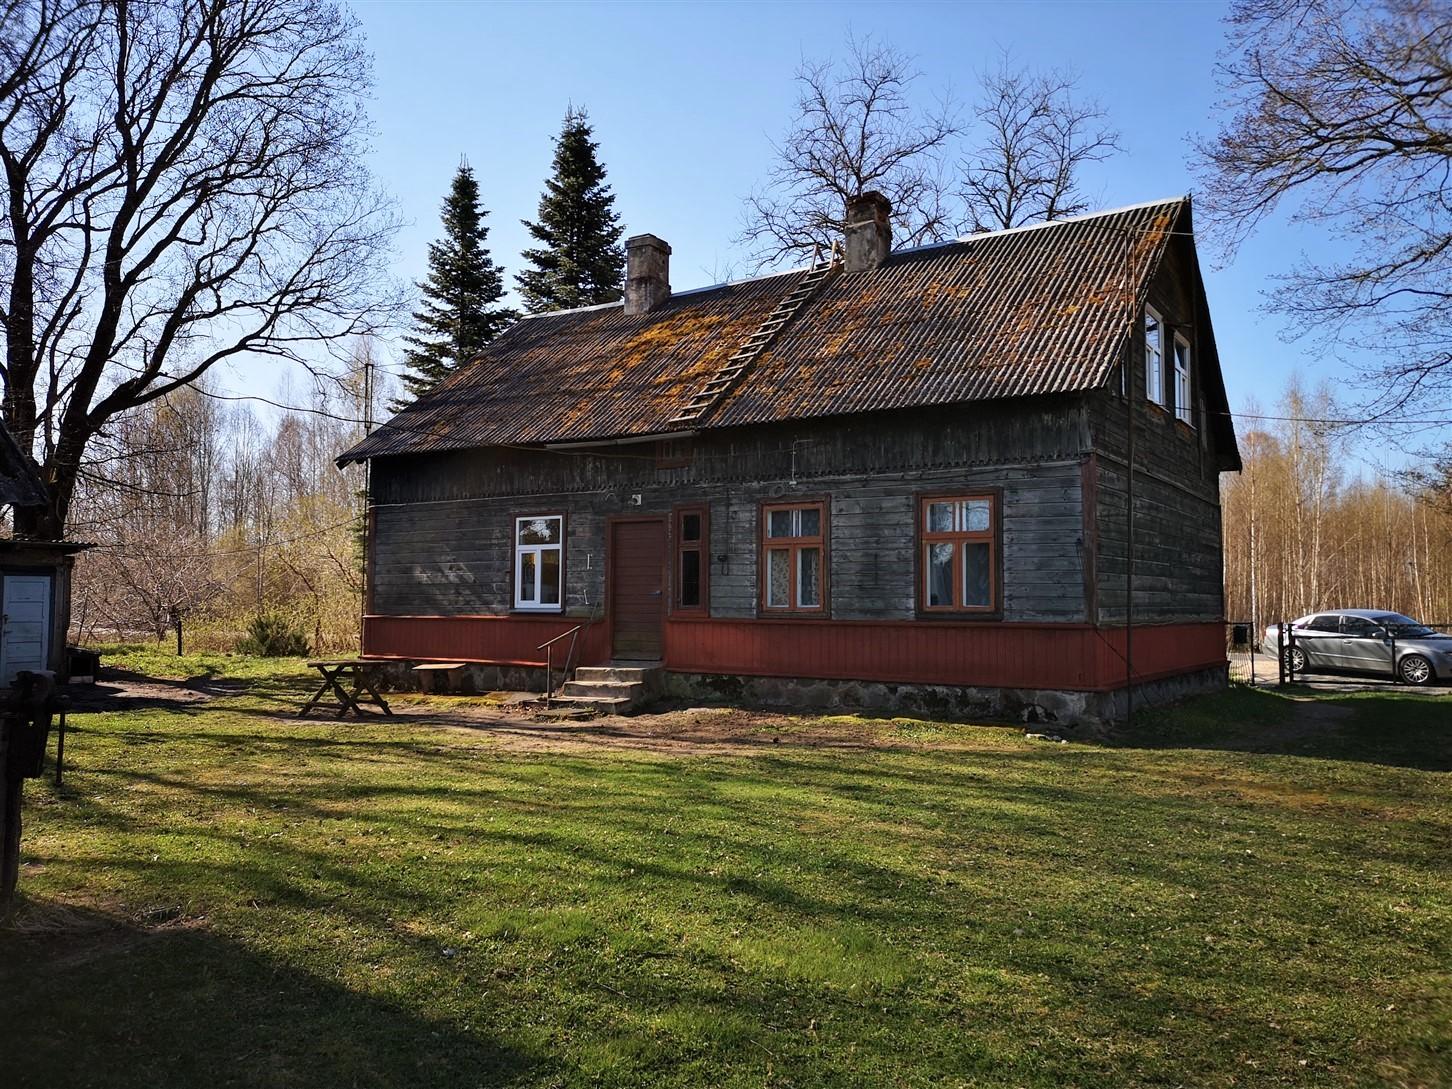 Продается двухэтажный деревянный дом с земельным участком, ул.Клуса 10, Скрунда. ID: 335